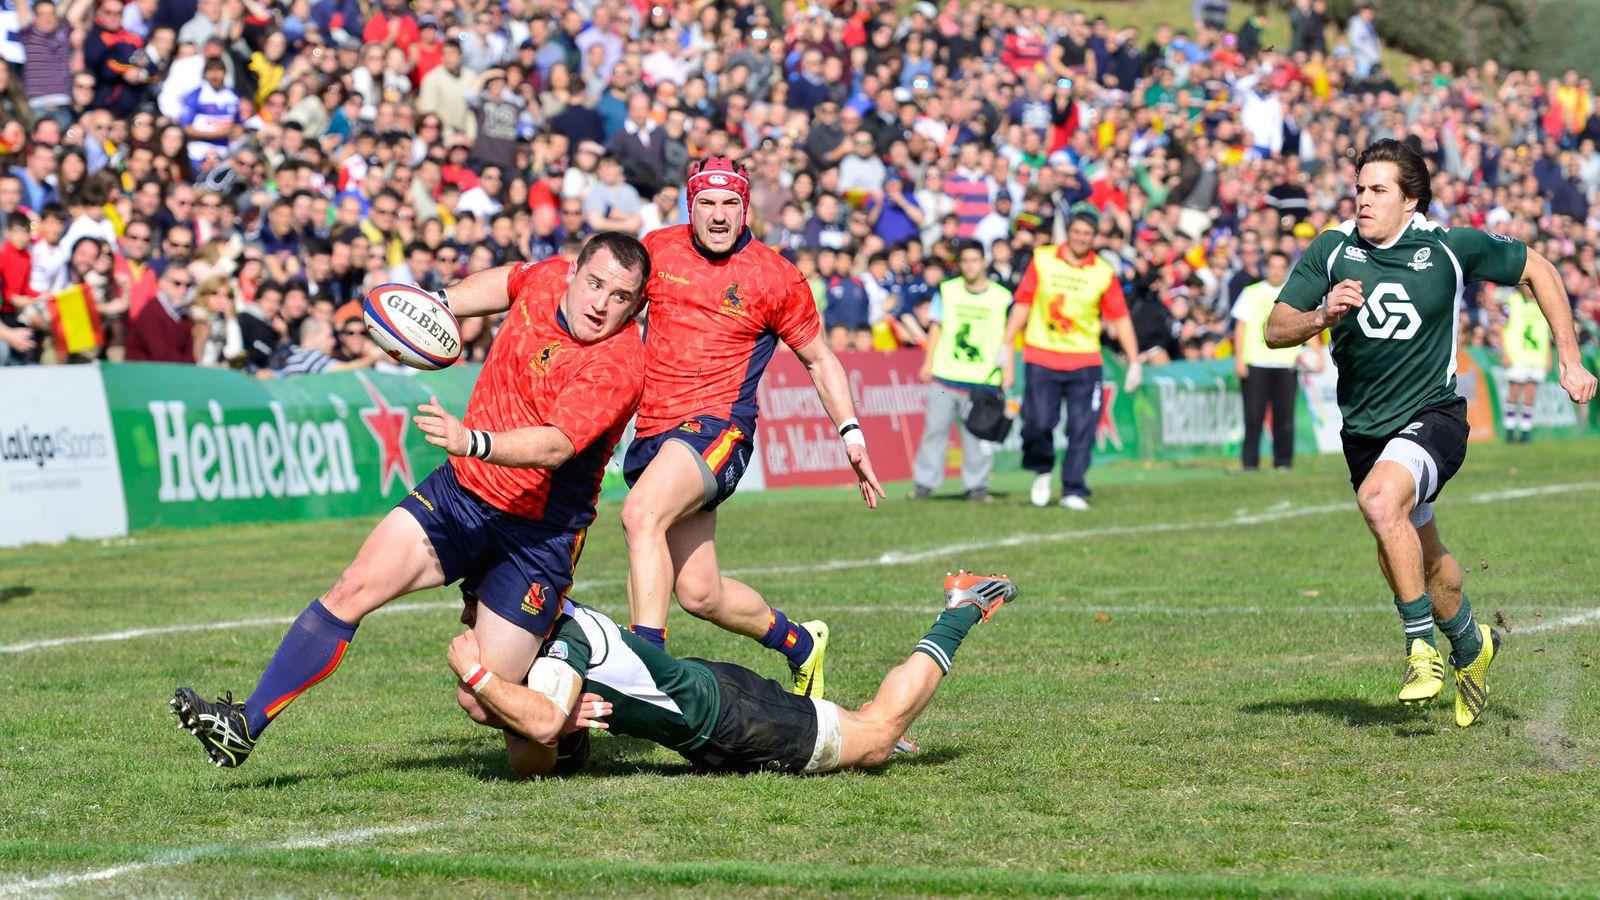 Foto: España anotó cinco ensayos (Foto: Federación Española de Rugby)